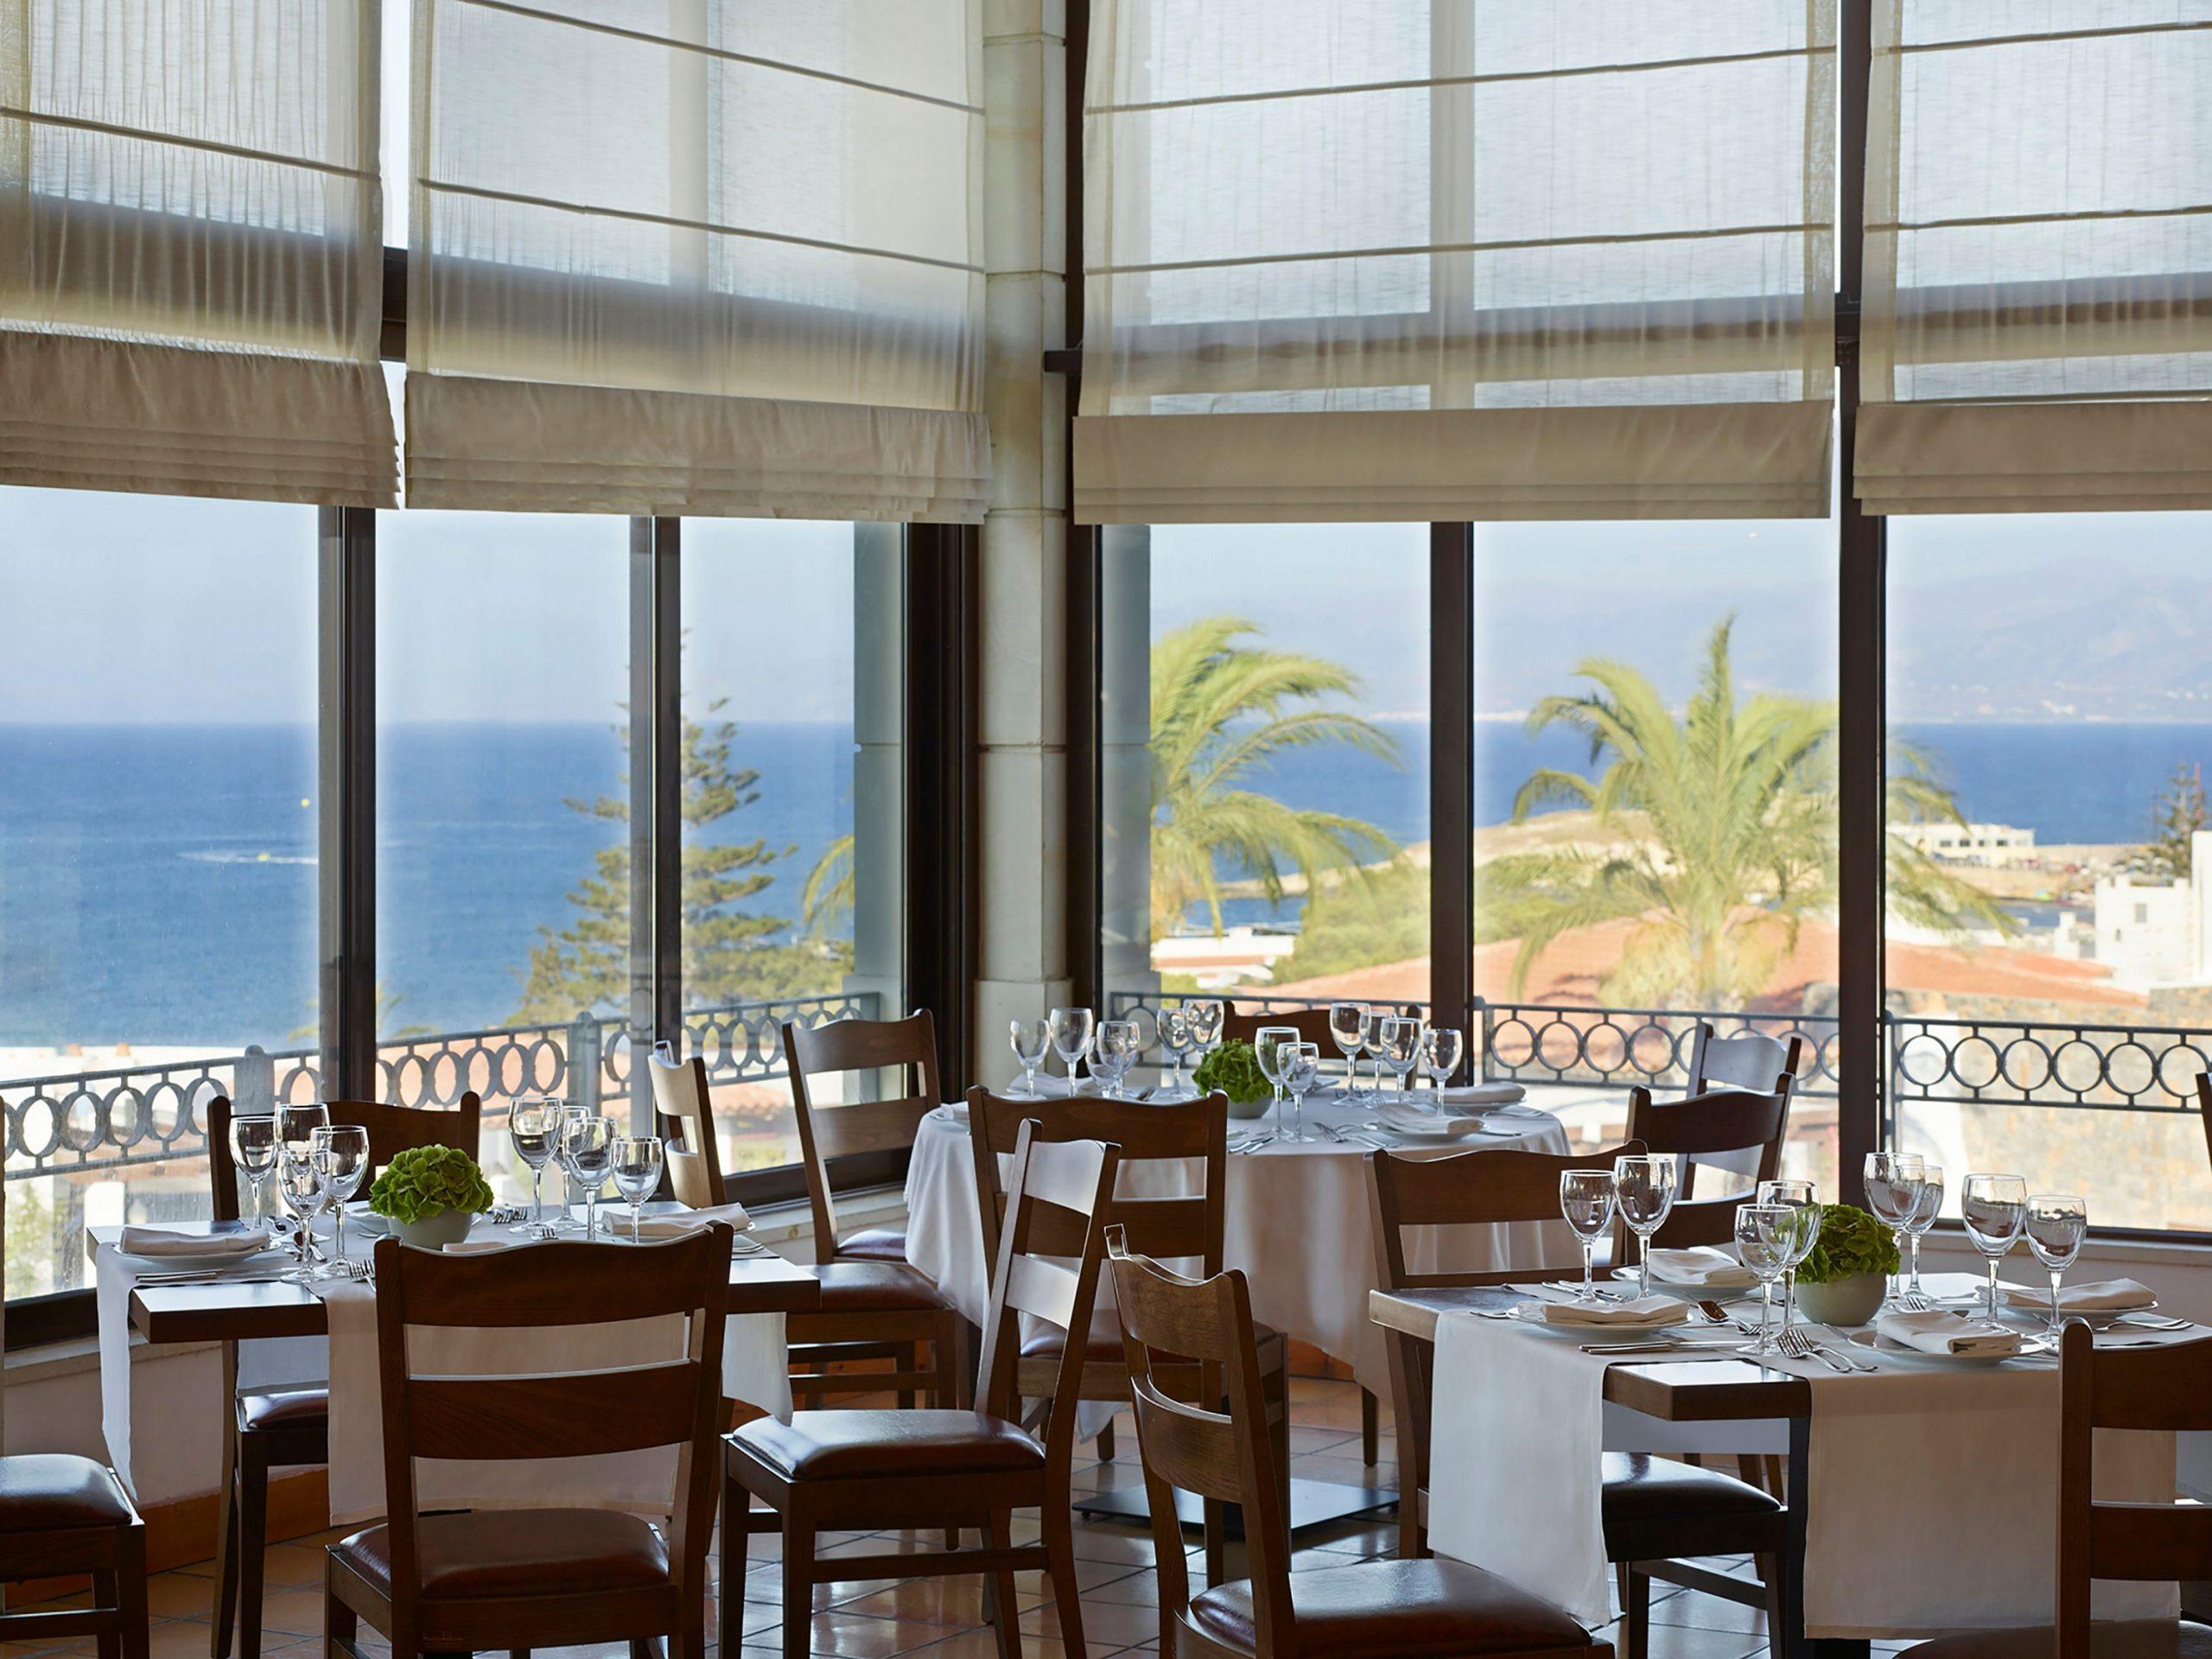 restauracja Estia, hotel Creta Maris, Kreta